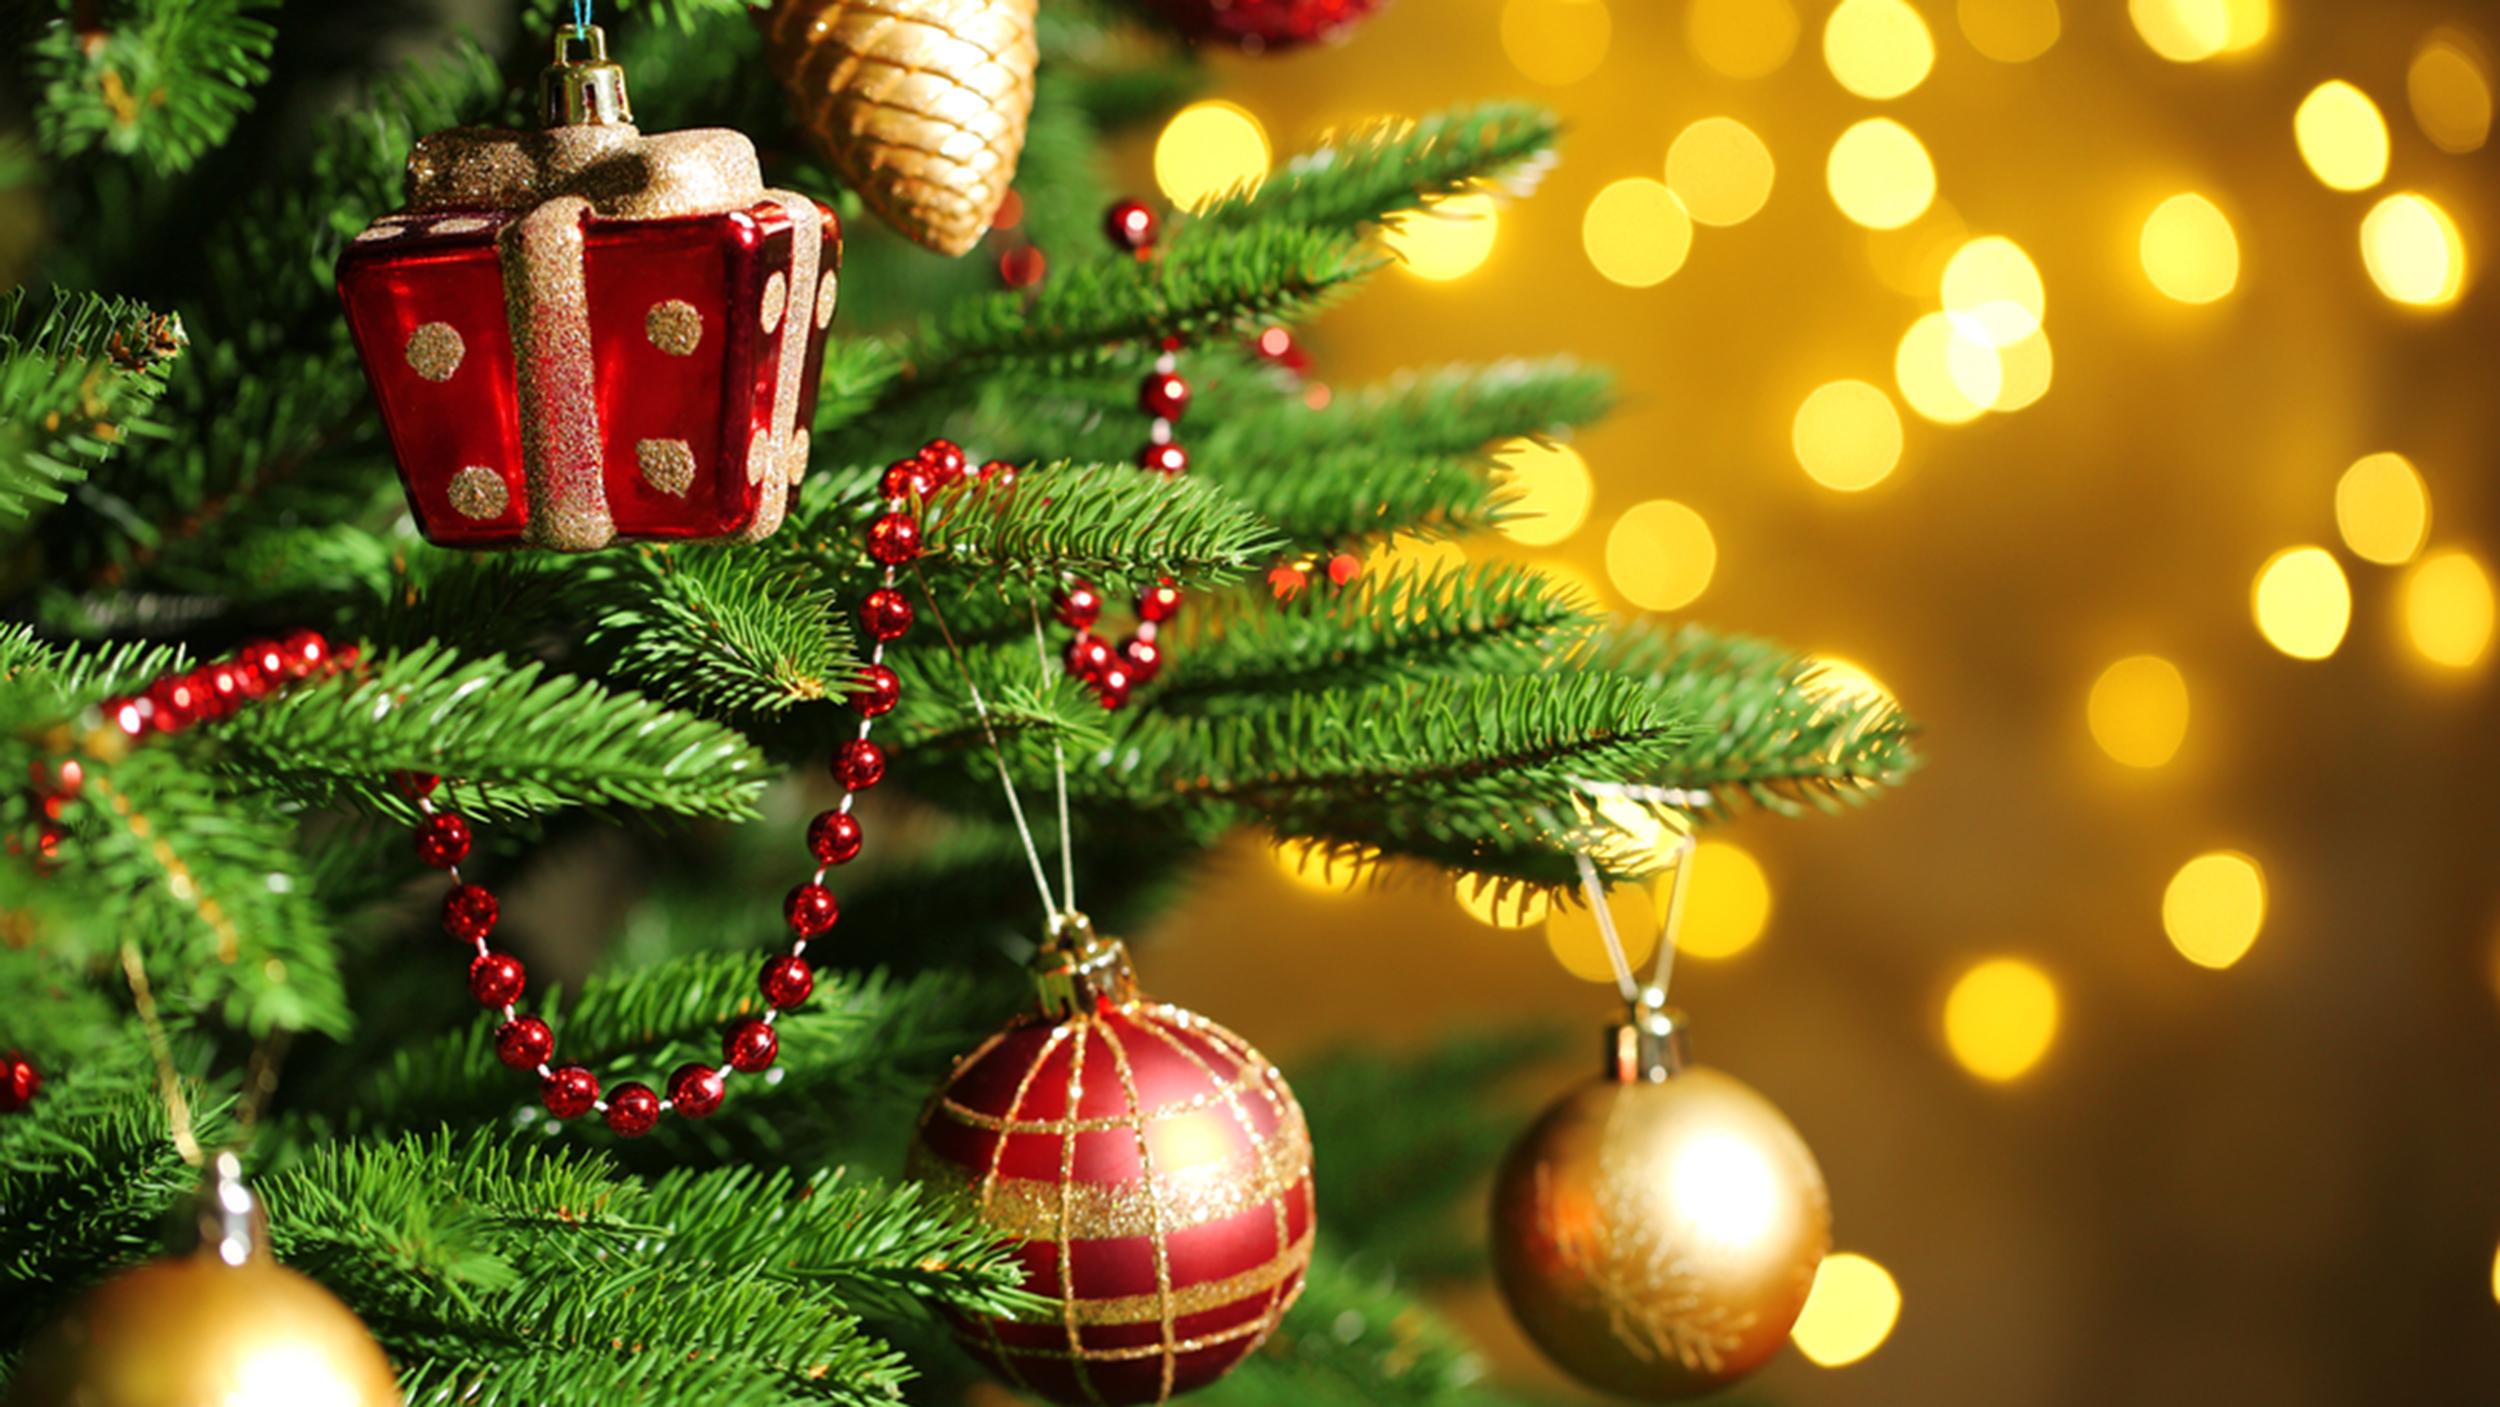 Стало известно, сколько украинцы будут отдыхать на новогодних праздниках. Новости Украины